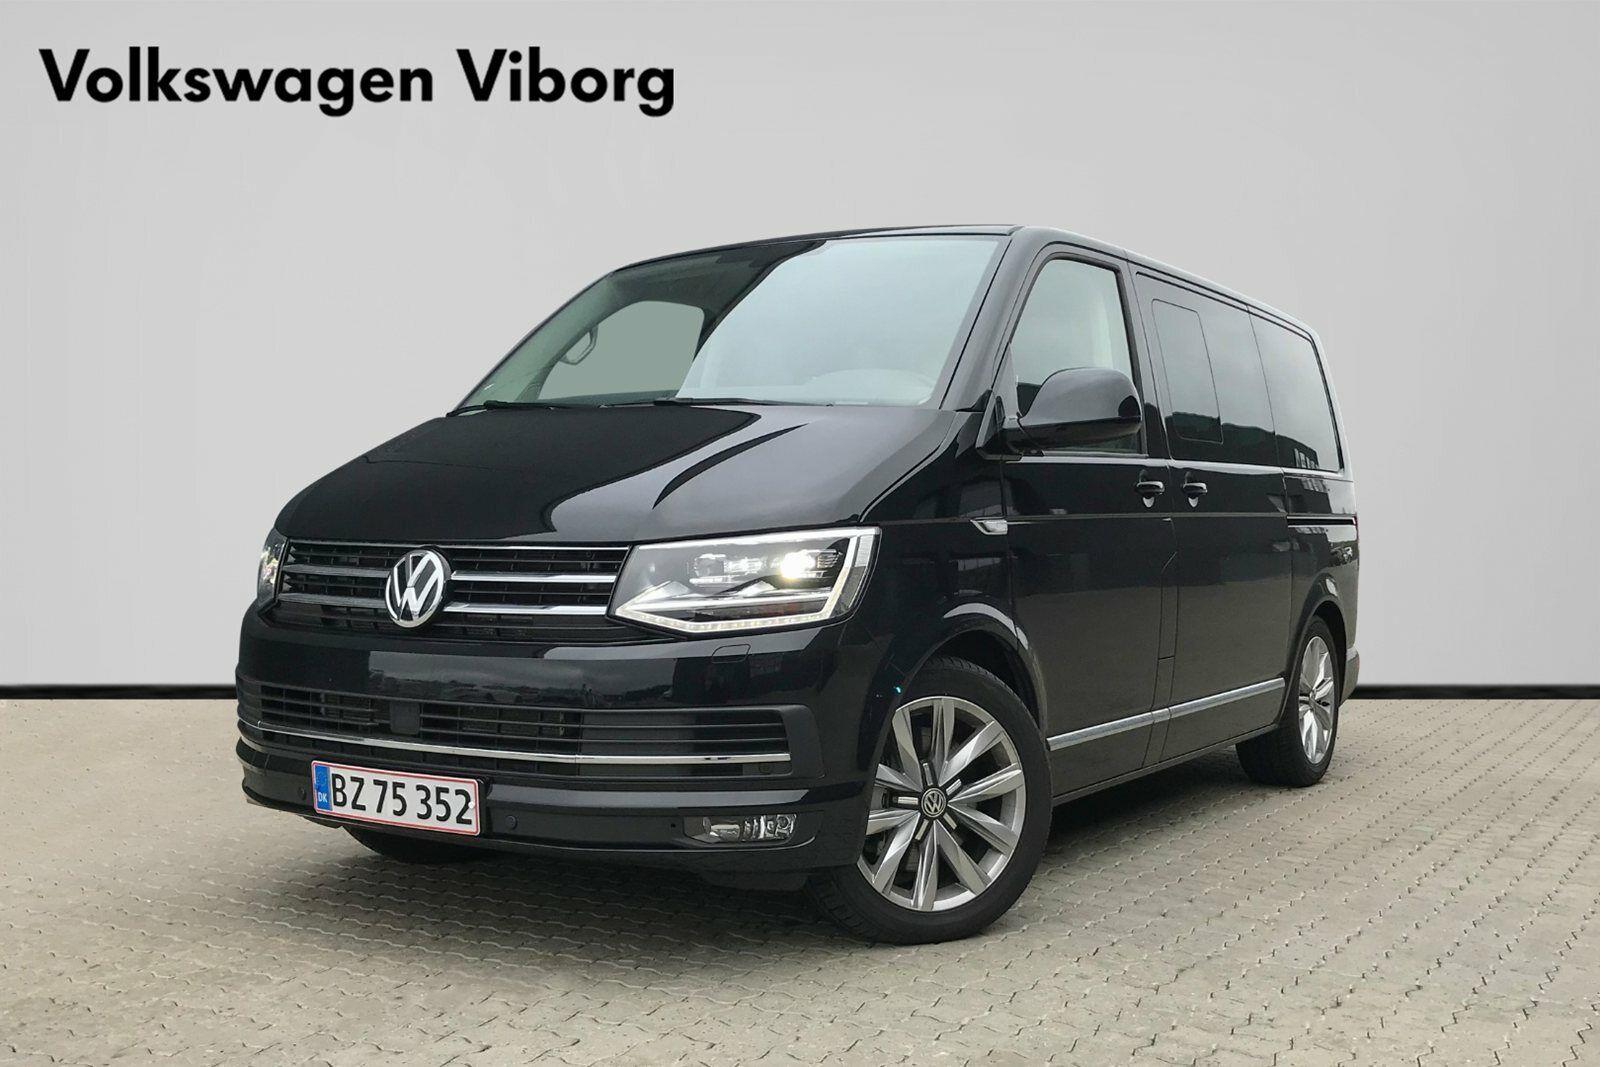 VW Multivan 2,0 TDi 204 Highline DSG kort - 899.900 kr.